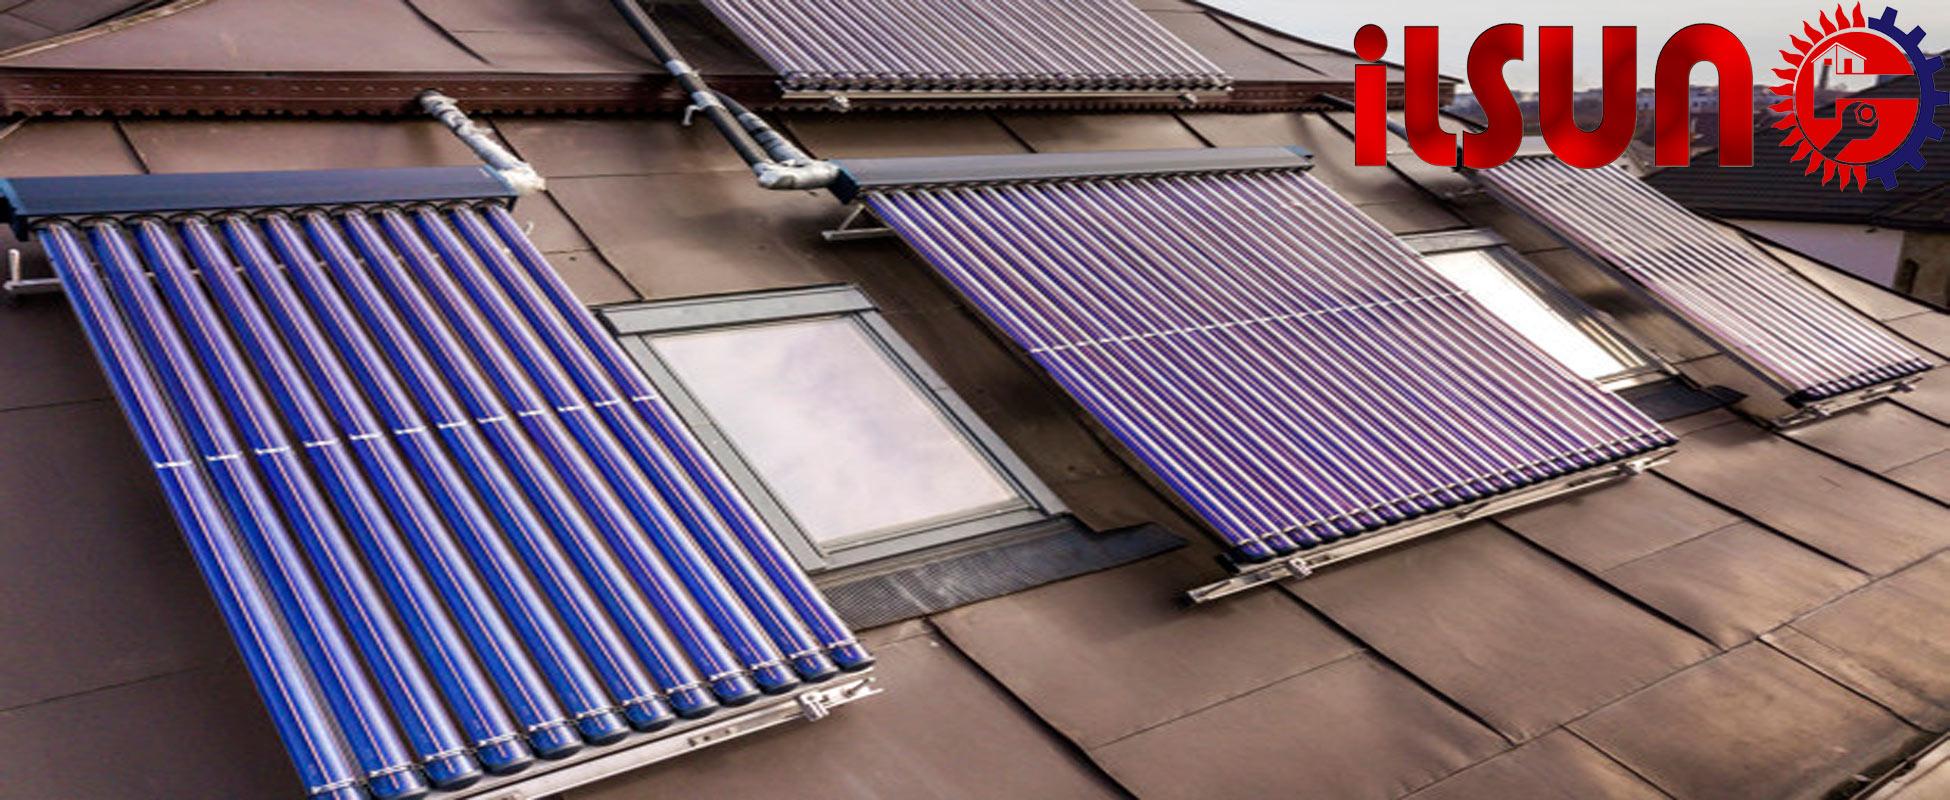 آبگرمکن خورشیدی در شمال . آبگرمکن خورشیدی